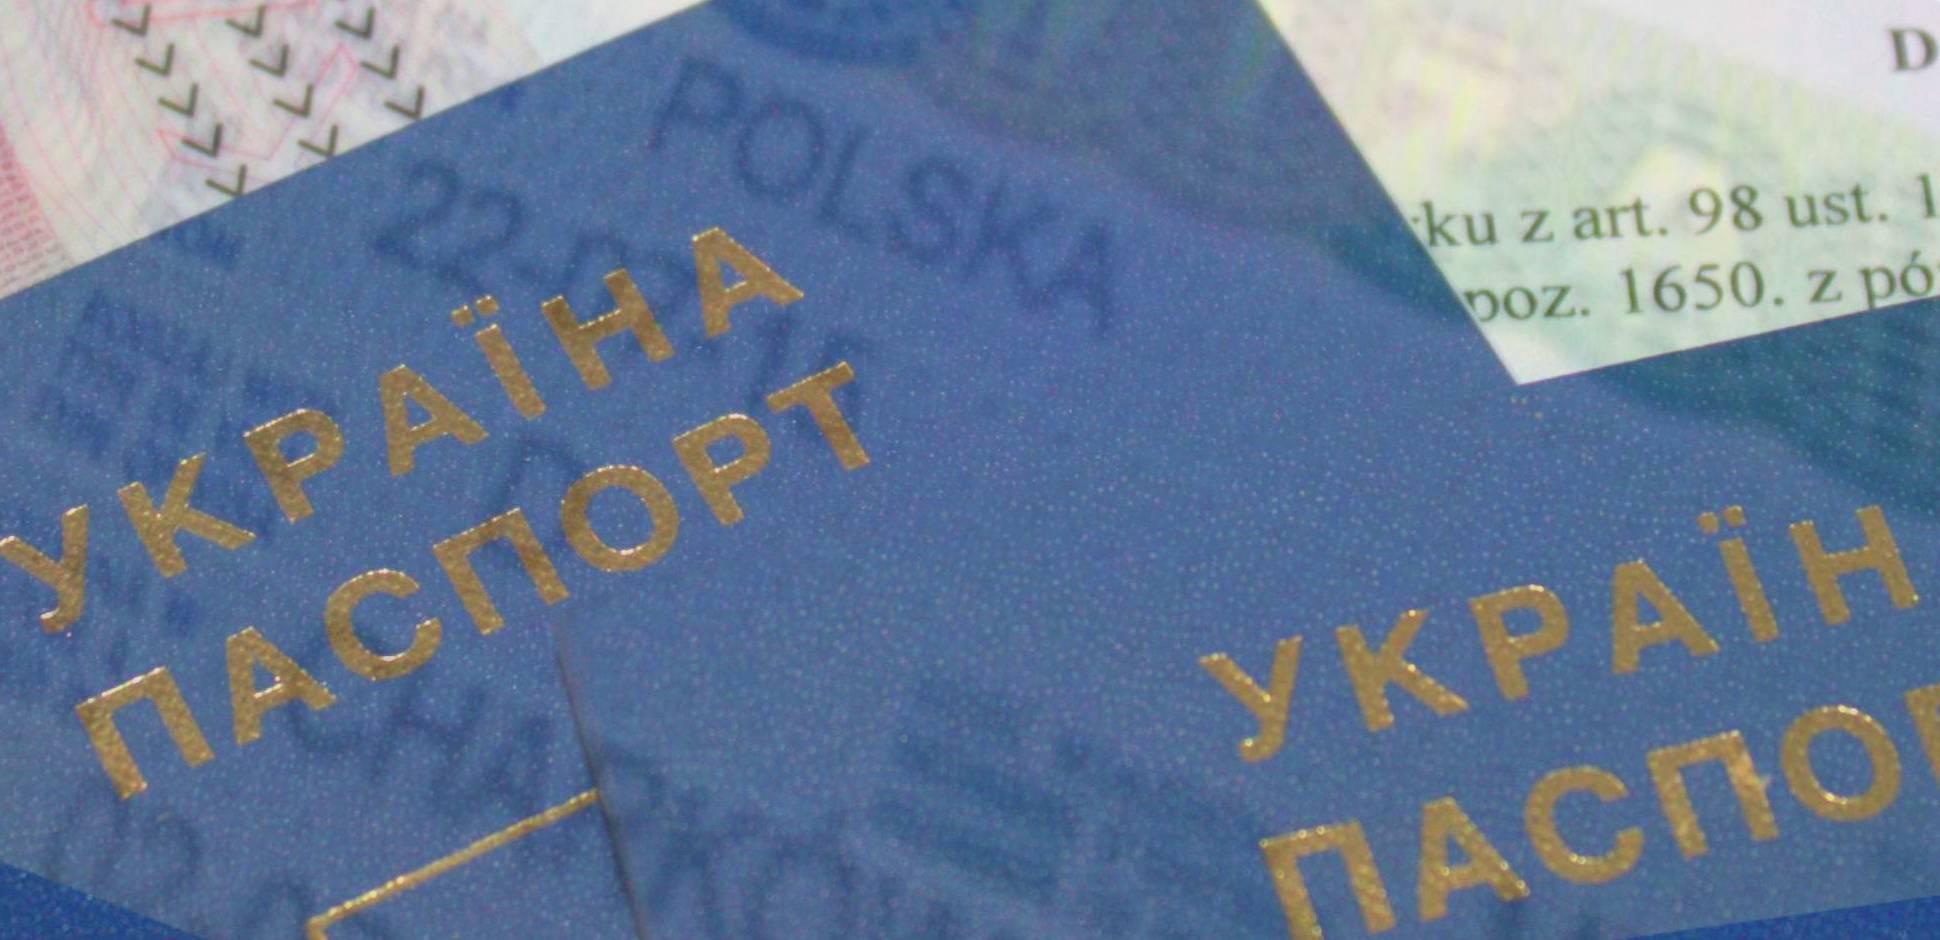 Выезд в европу по биометрическим паспортам для граждан украины в 2021 году